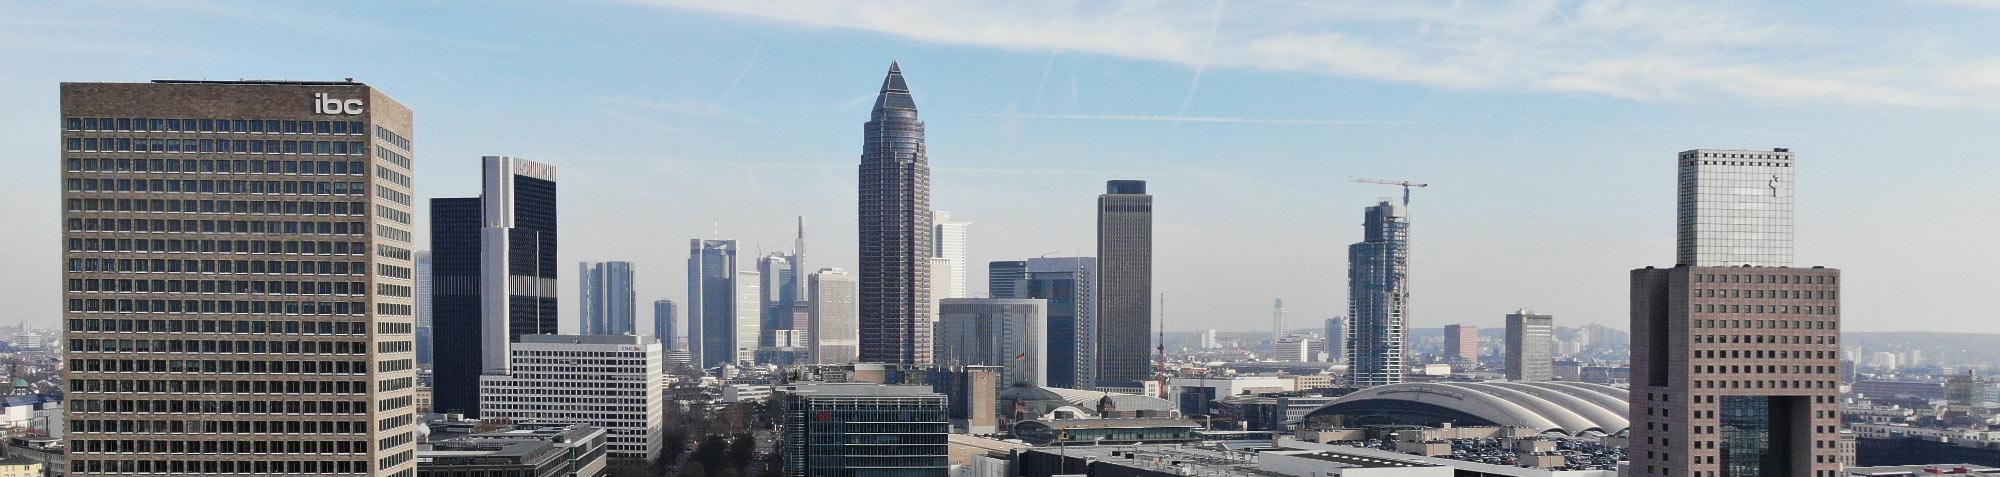 Die beühmte Skyline von Frankfurt - die Anzahl der Wolkenkratzer wächst jedes Jahr - Drohnenaufnahme von Frankfurt - Frankfurt Panorama von Westen aus gesehen